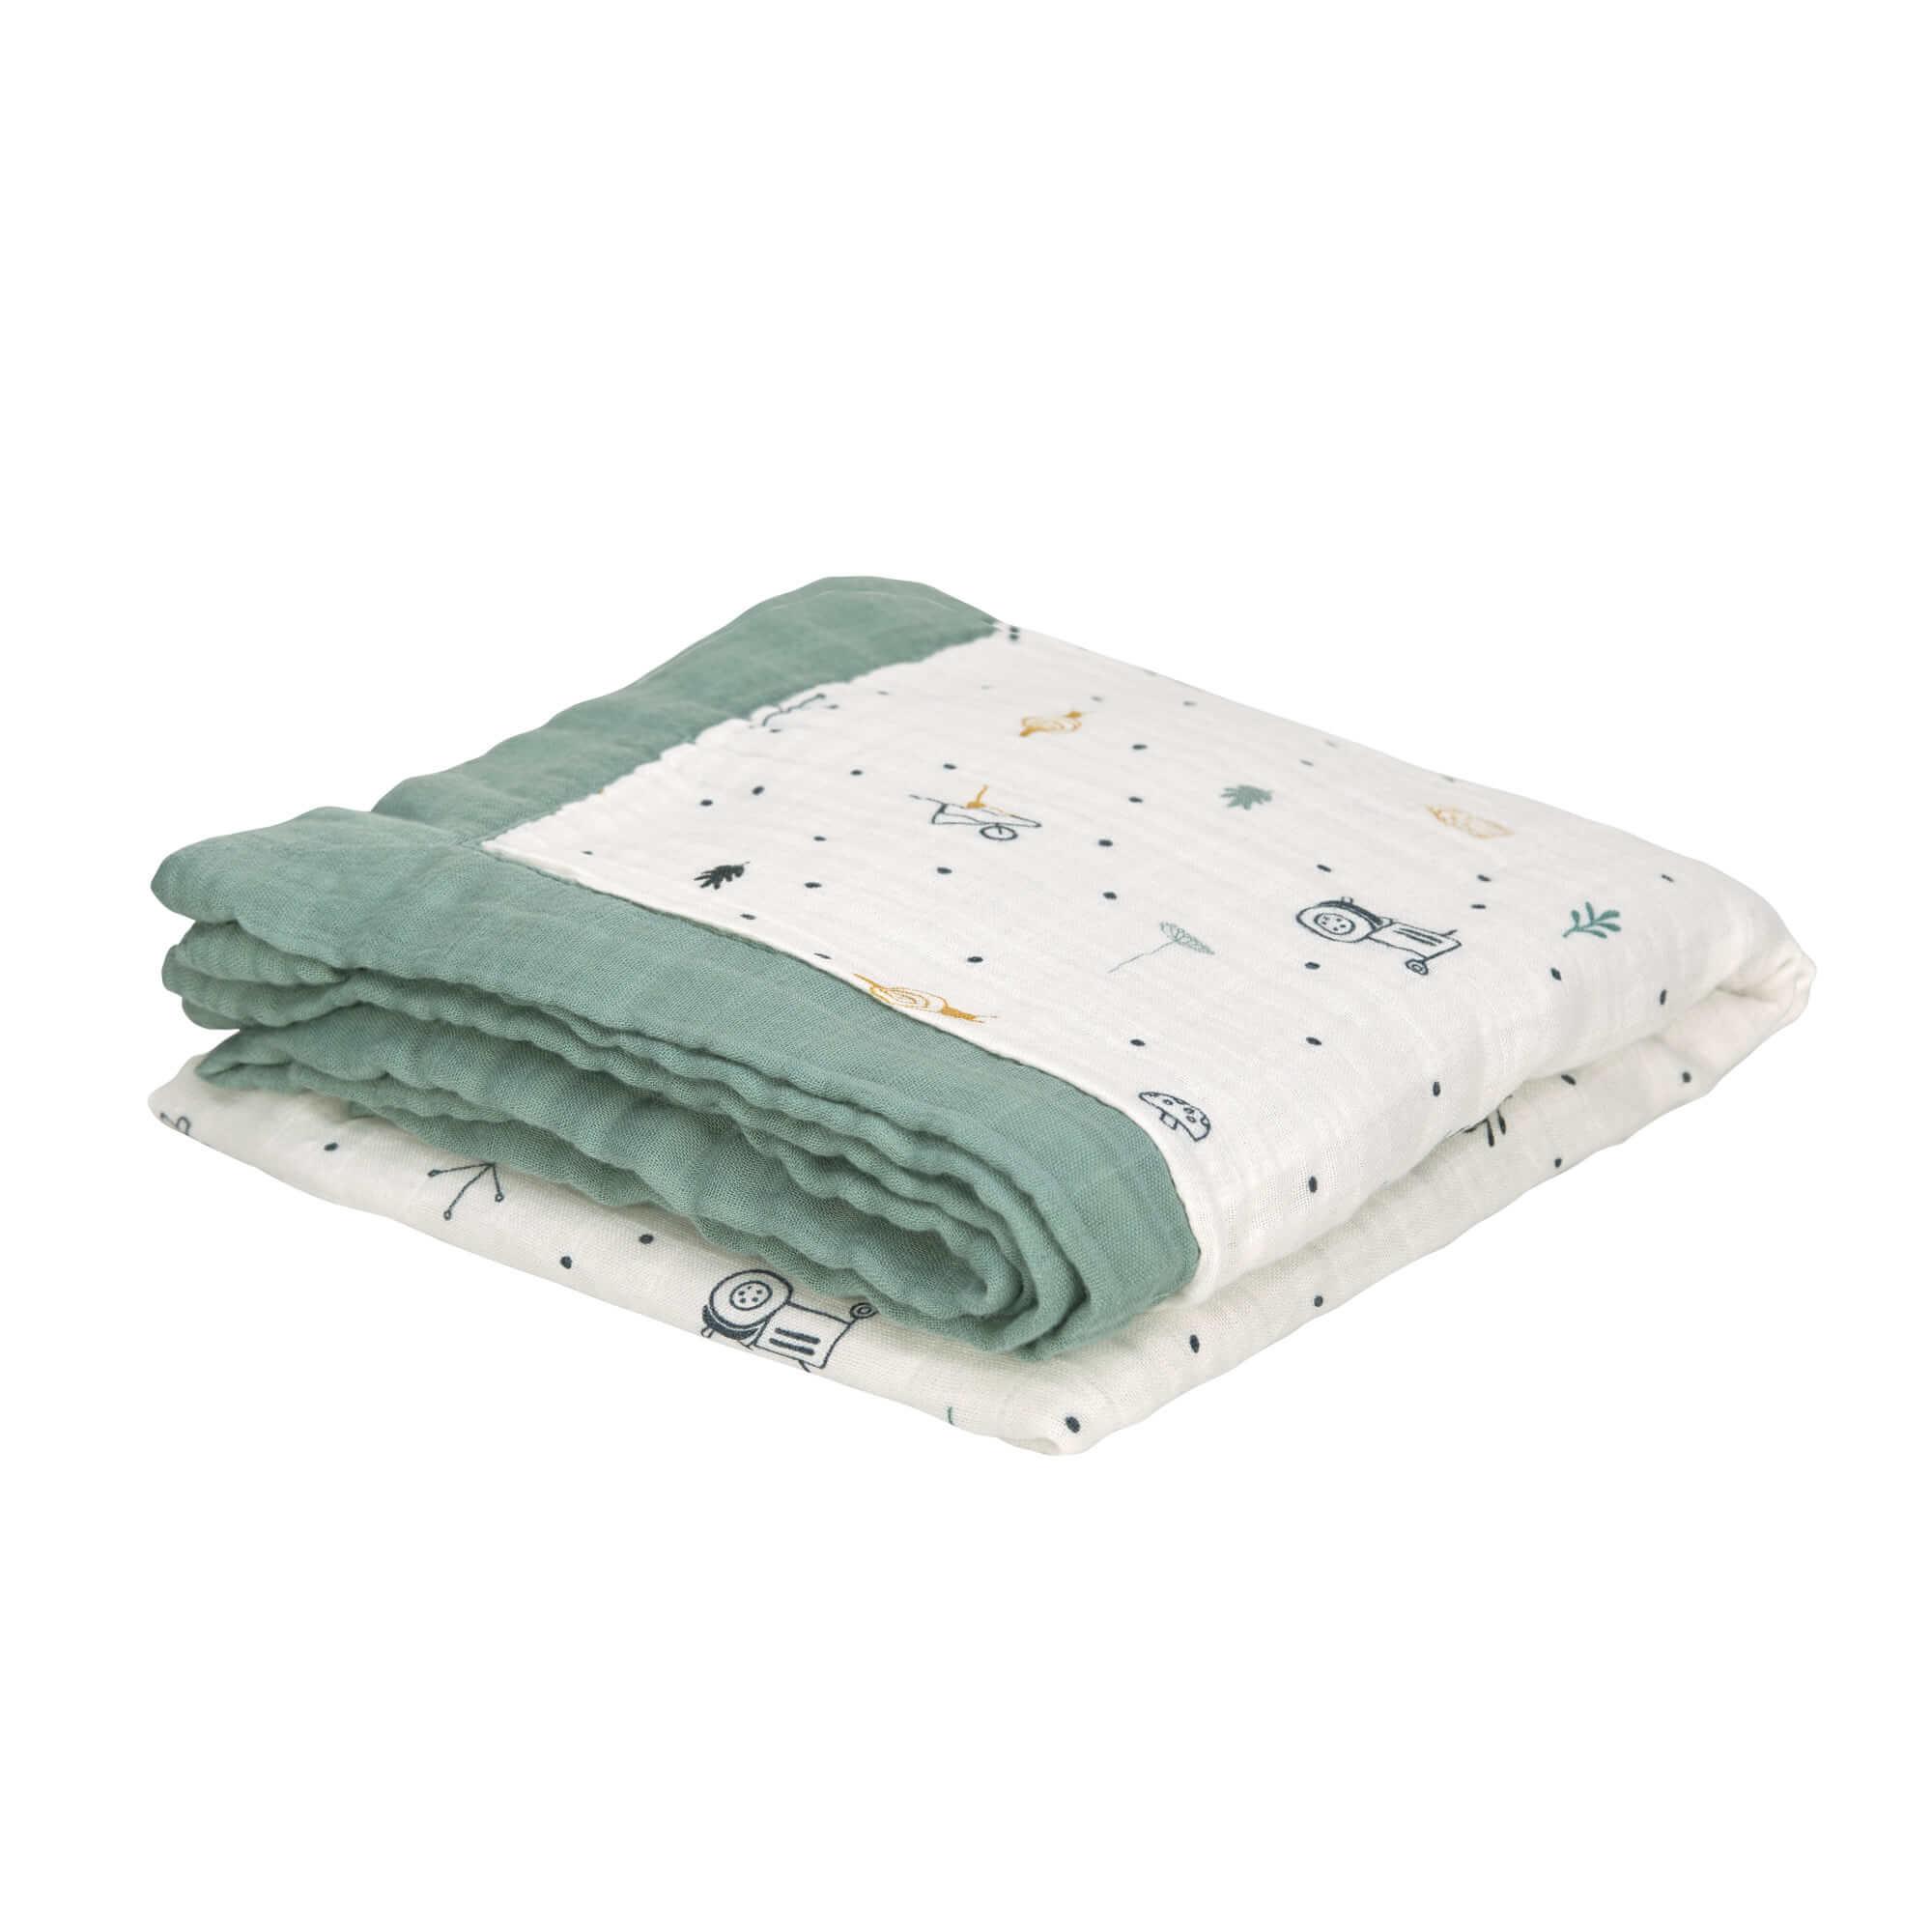 Lässig Lässig Heavenly Soft Blanket Garden Explorer Jungen 100 x 100 cm